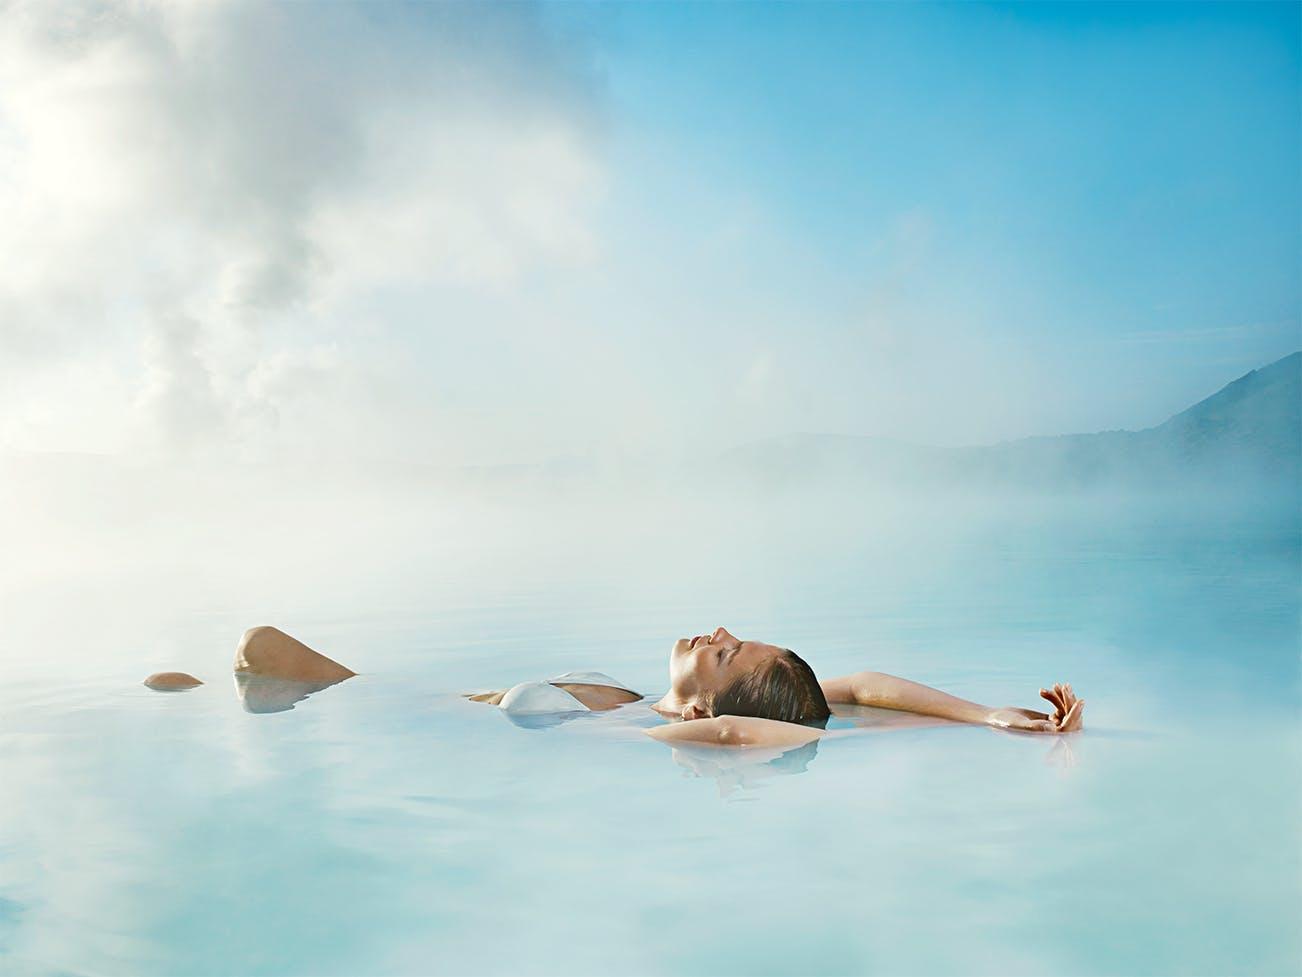 Una de las mejores maneras de empezar tu viaje a Islandia es bañándote en las mágicas aguas de la Laguna Azul, el famoso spa en la península de Reykjanes.